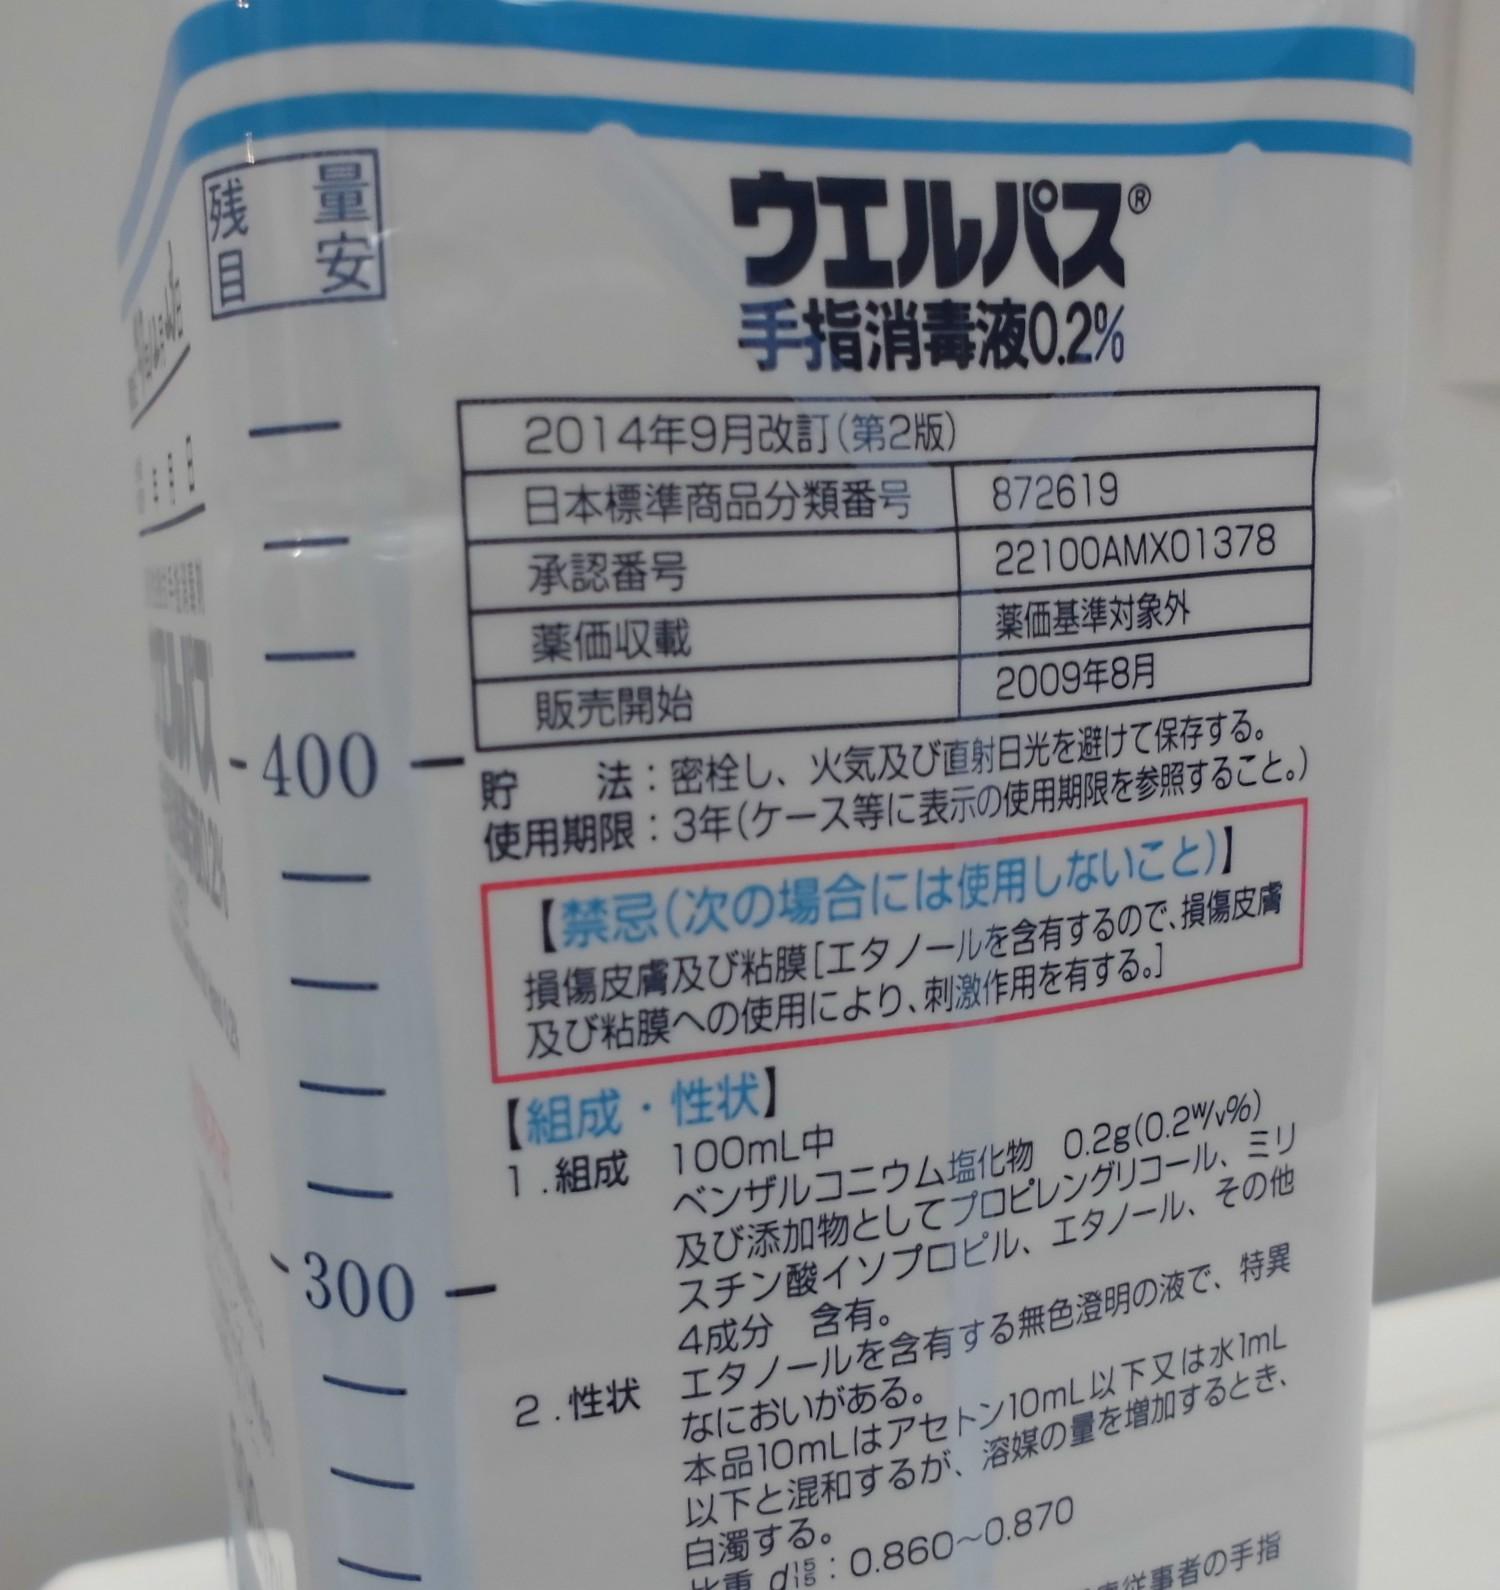 ニウム 物 ルコ ベンザ 効果 塩化